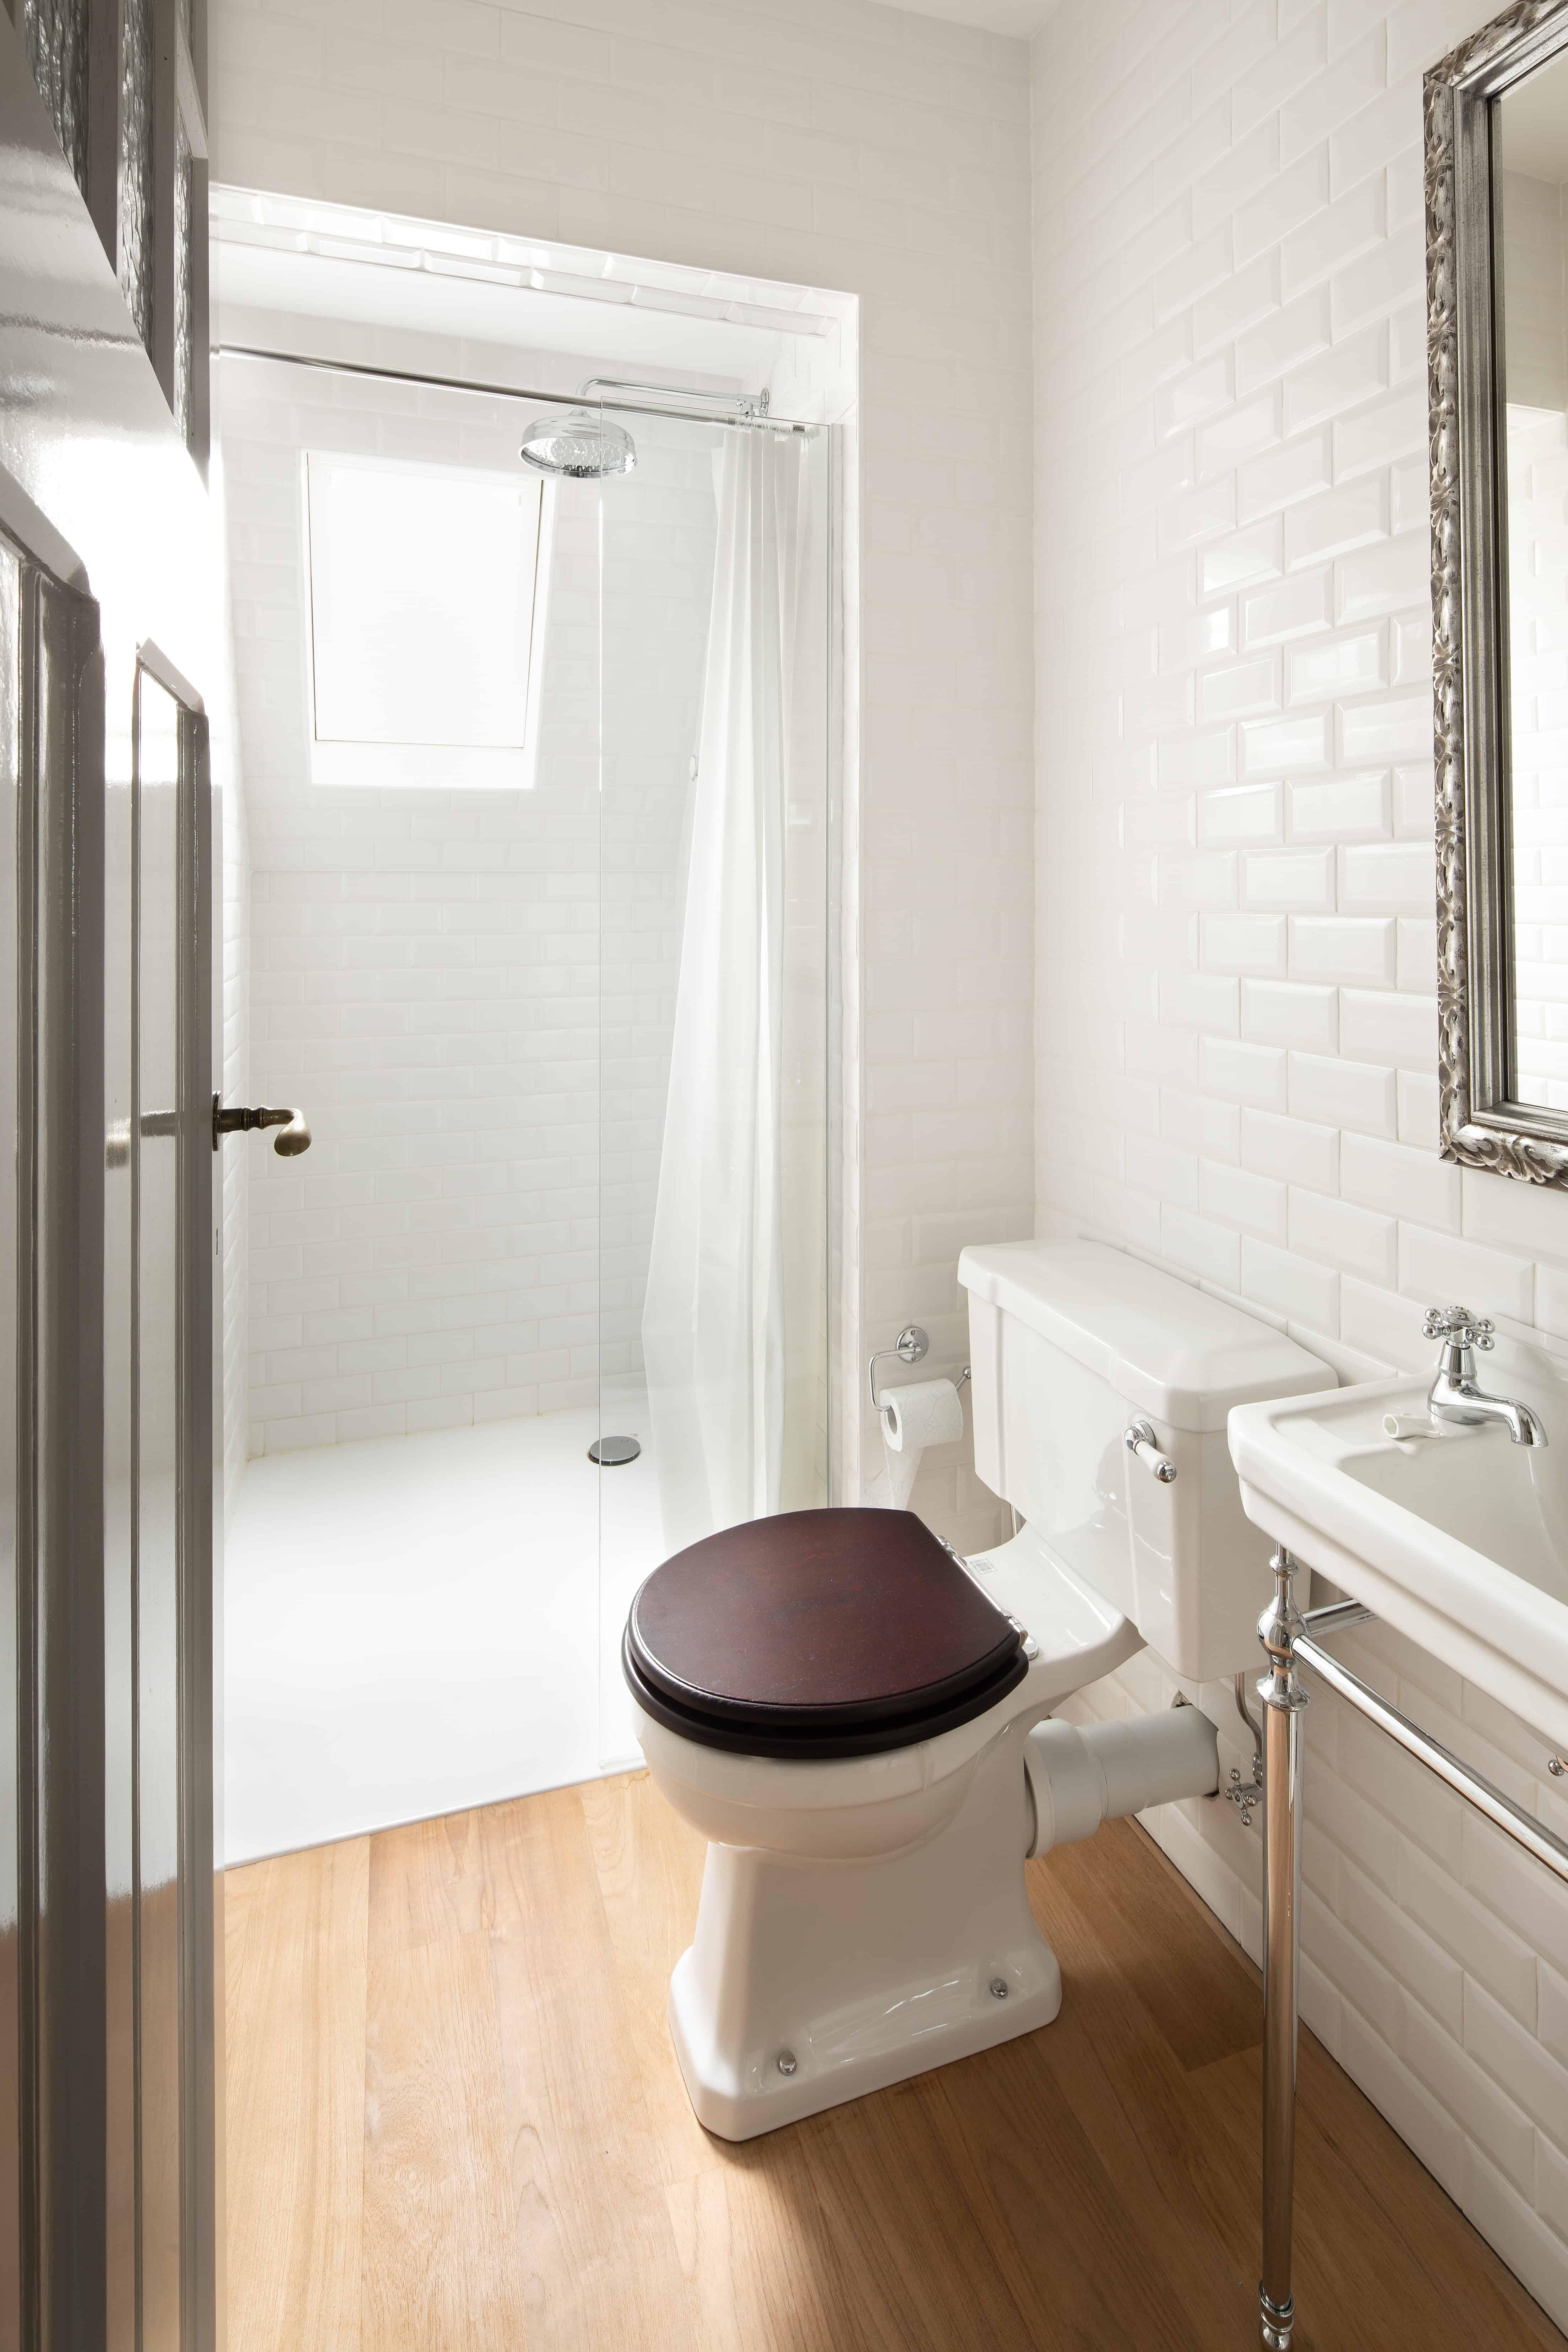 Badkamer met houten vloer en kleine witte wandtegels en XXL tegels in douche - Roeselare